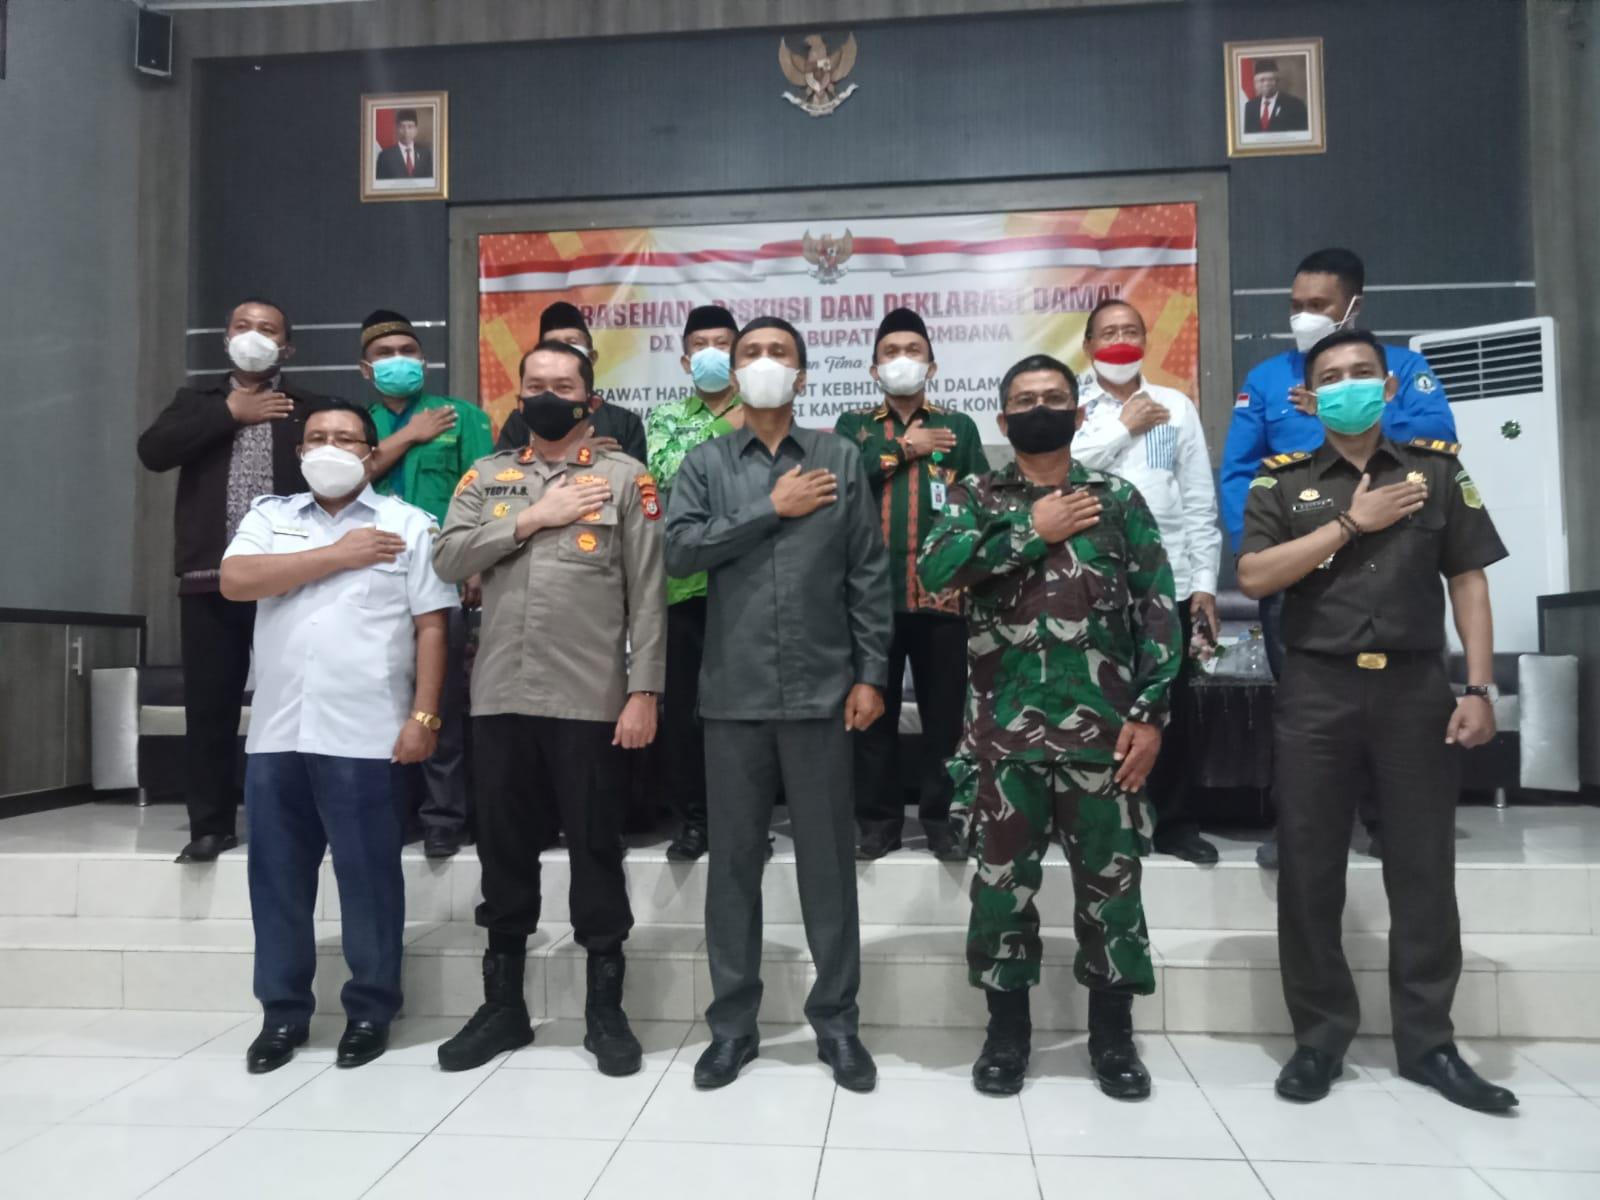 Foto Bersama : Kapolres Bombana bersama Forkopimda dan Tokoh Masyarakat